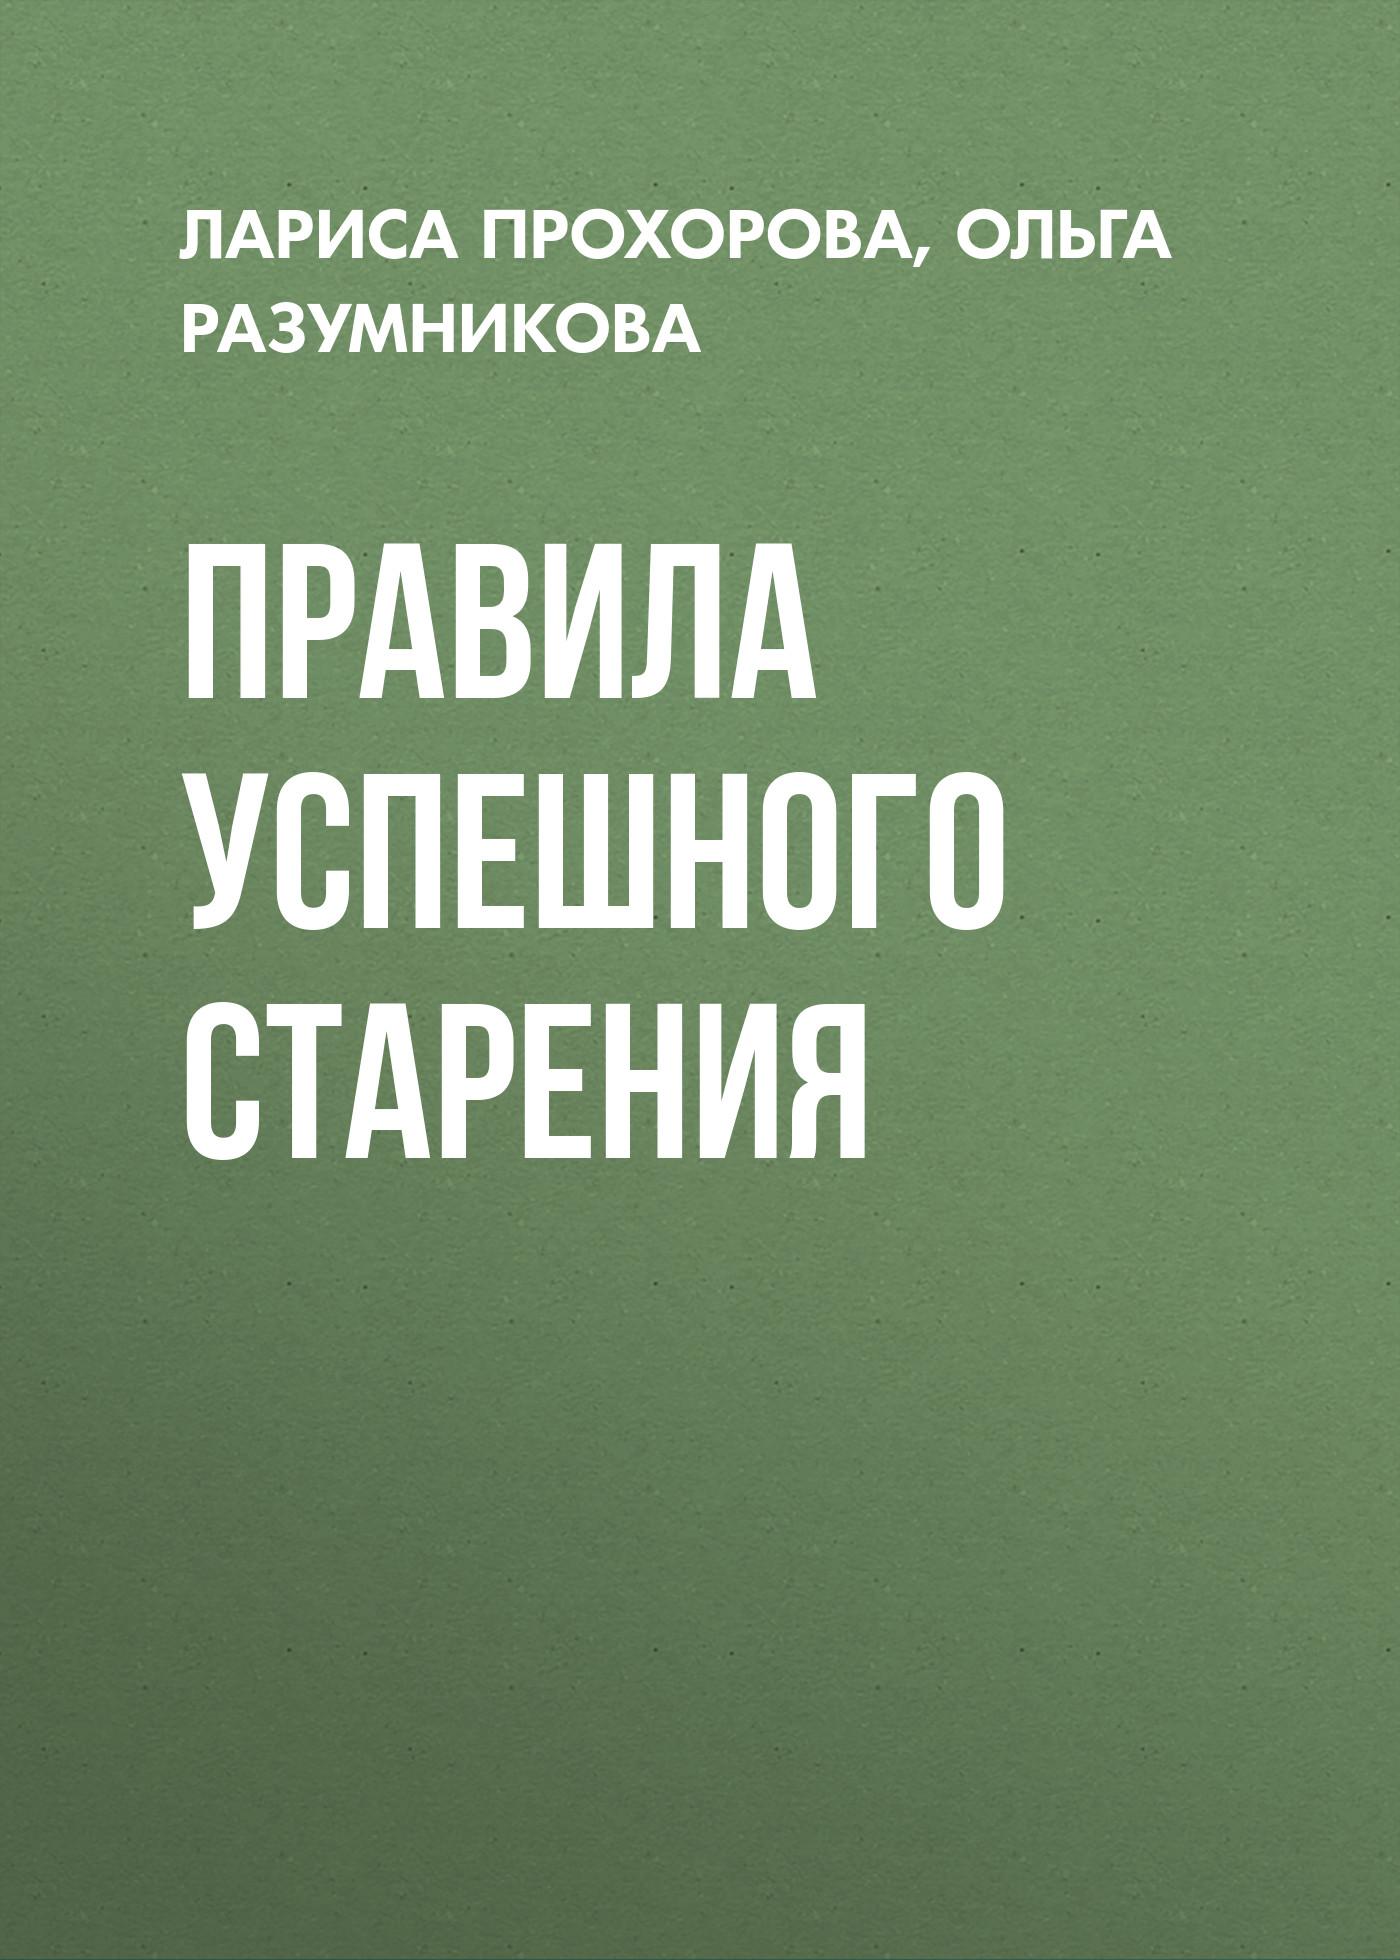 Лариса Прохорова Правила успешного старения